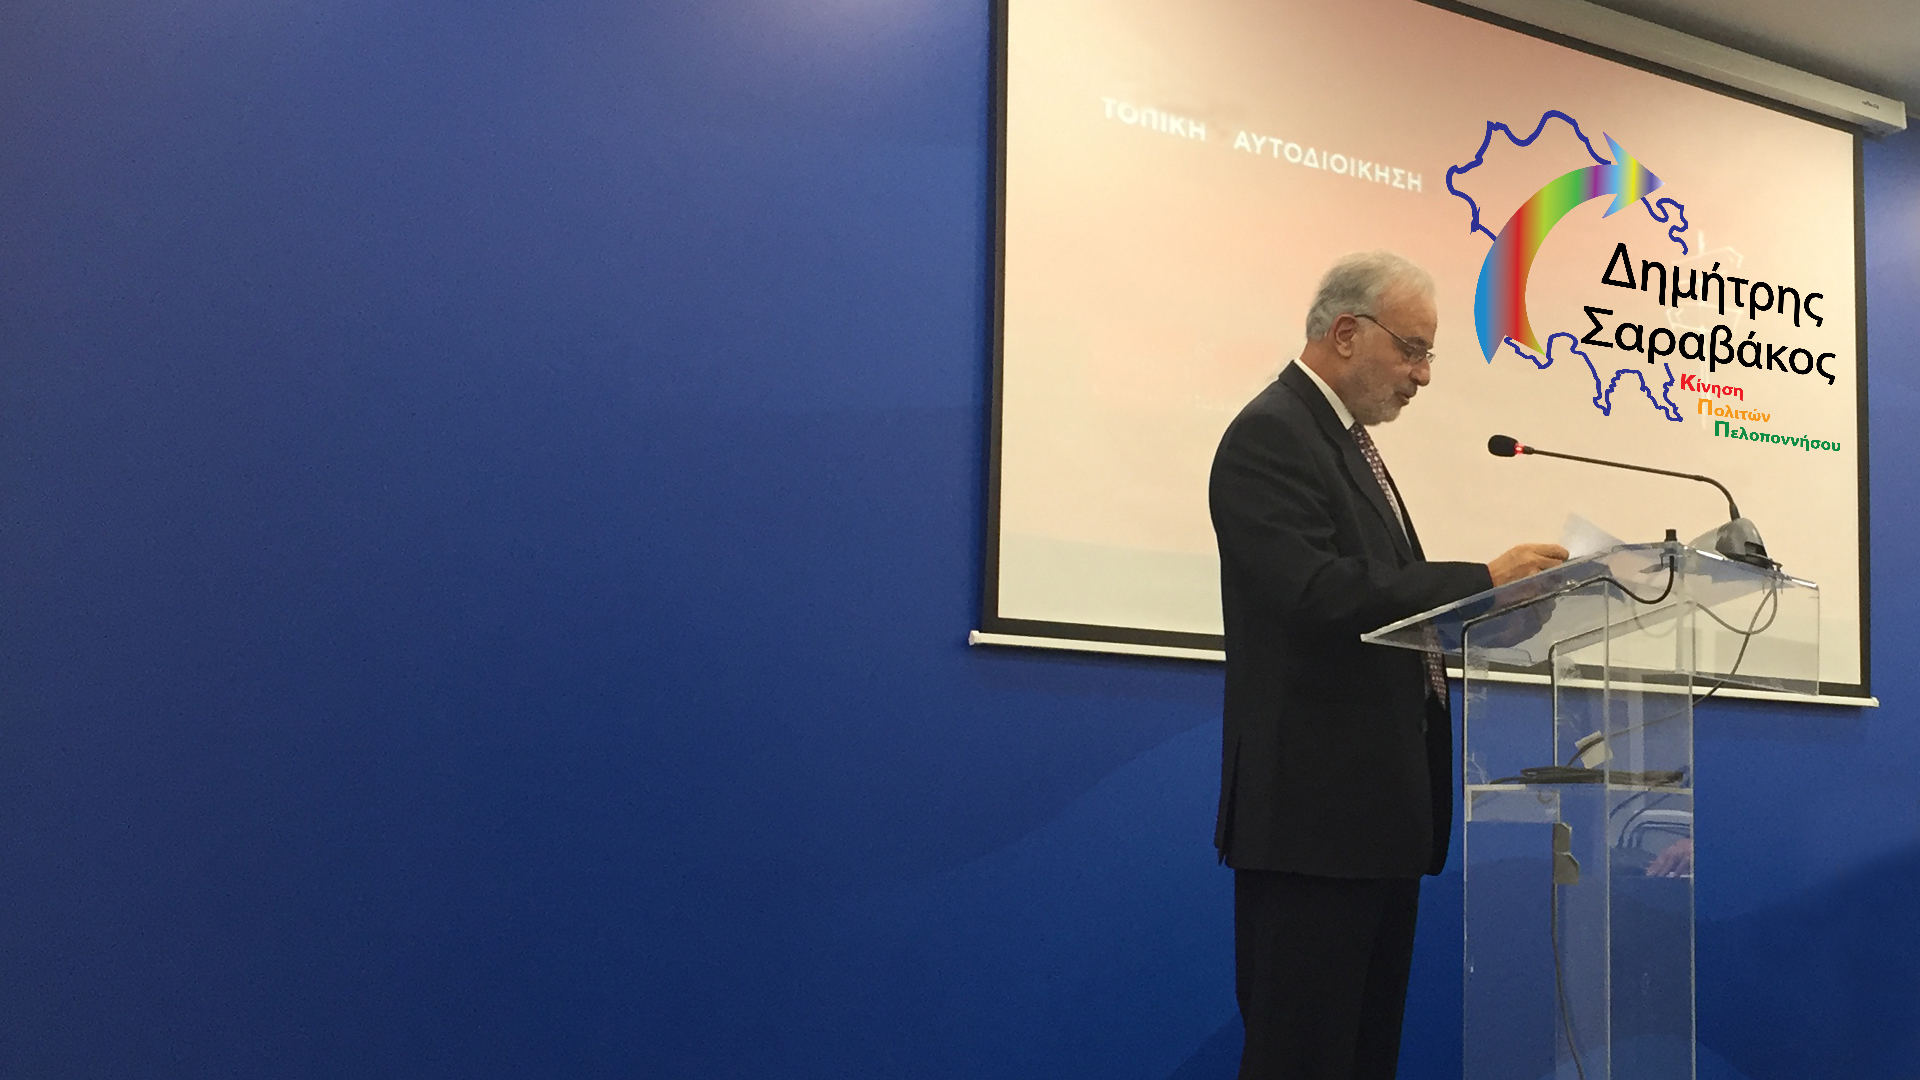 Σαραβάκος ομιλία - Κίνηση Πολιτών Πελοποννήσου